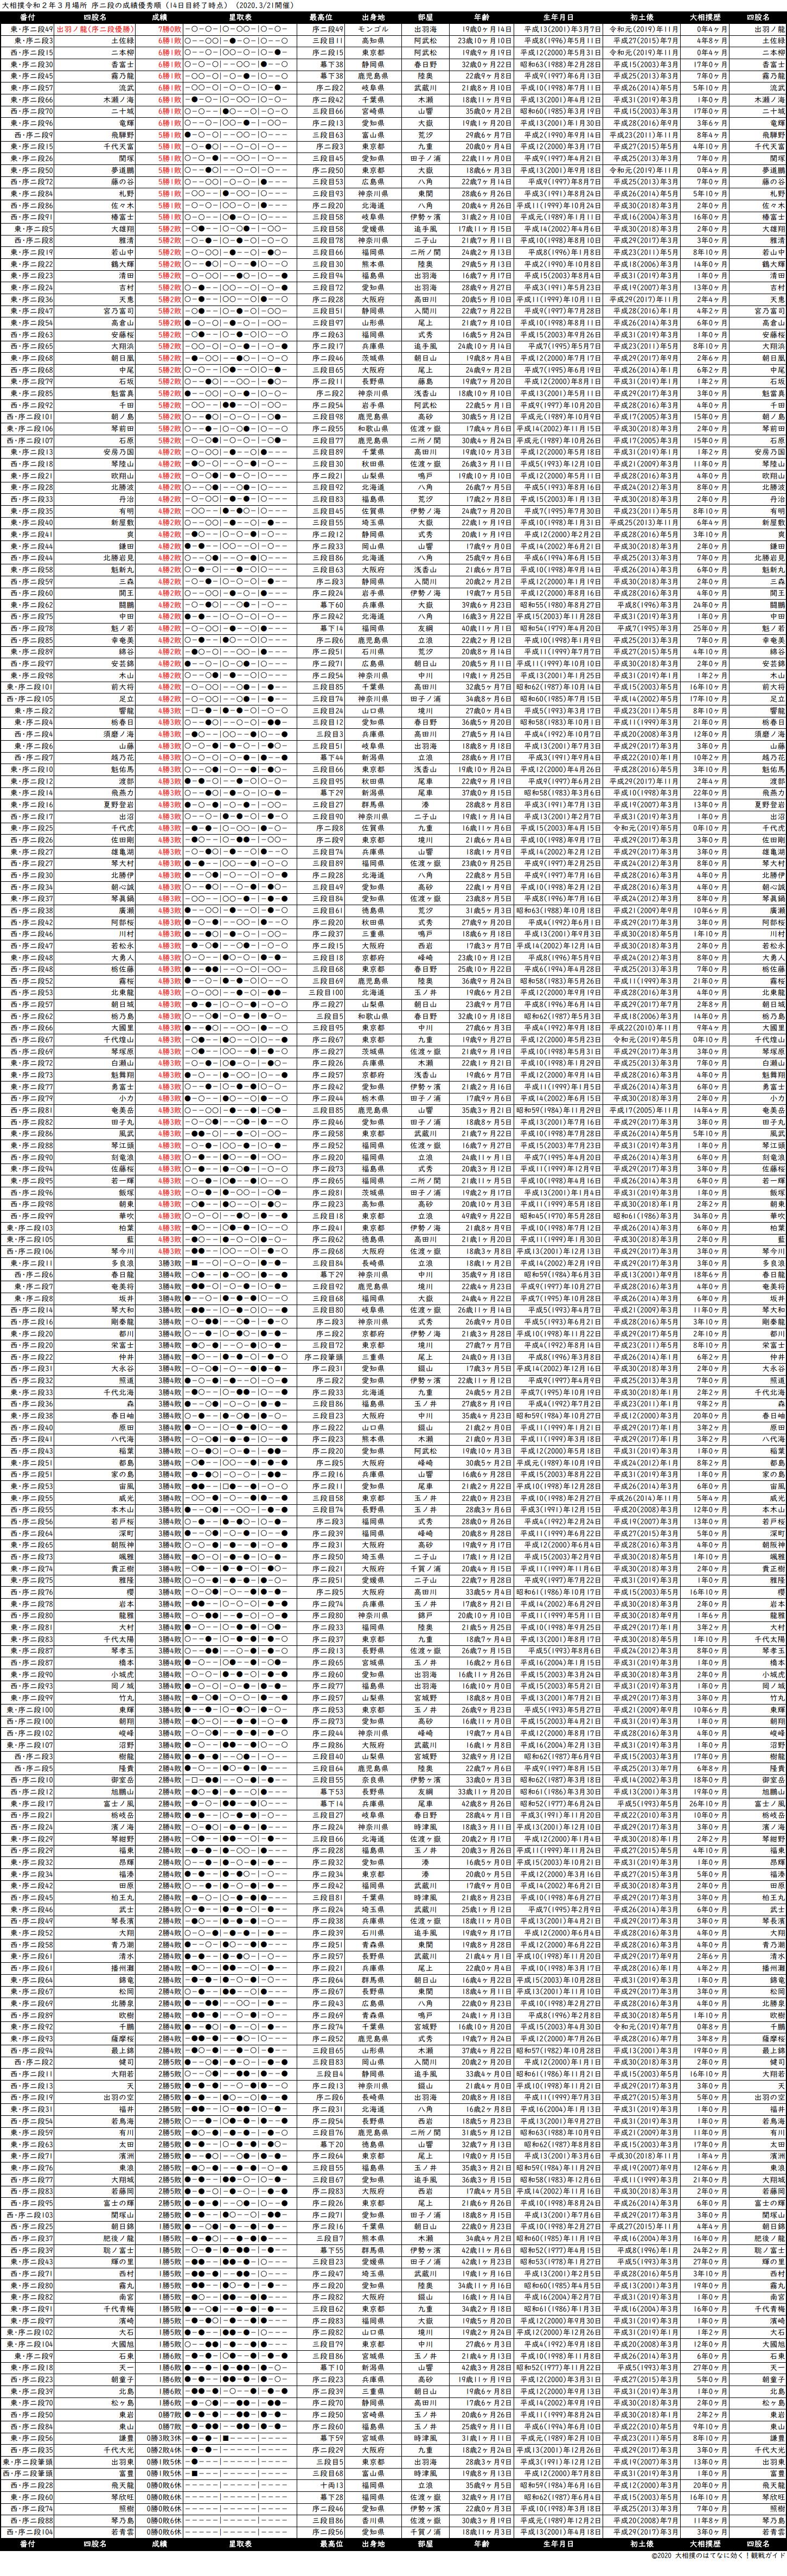 序二段成績順一覧表・2020年3月場所14日目